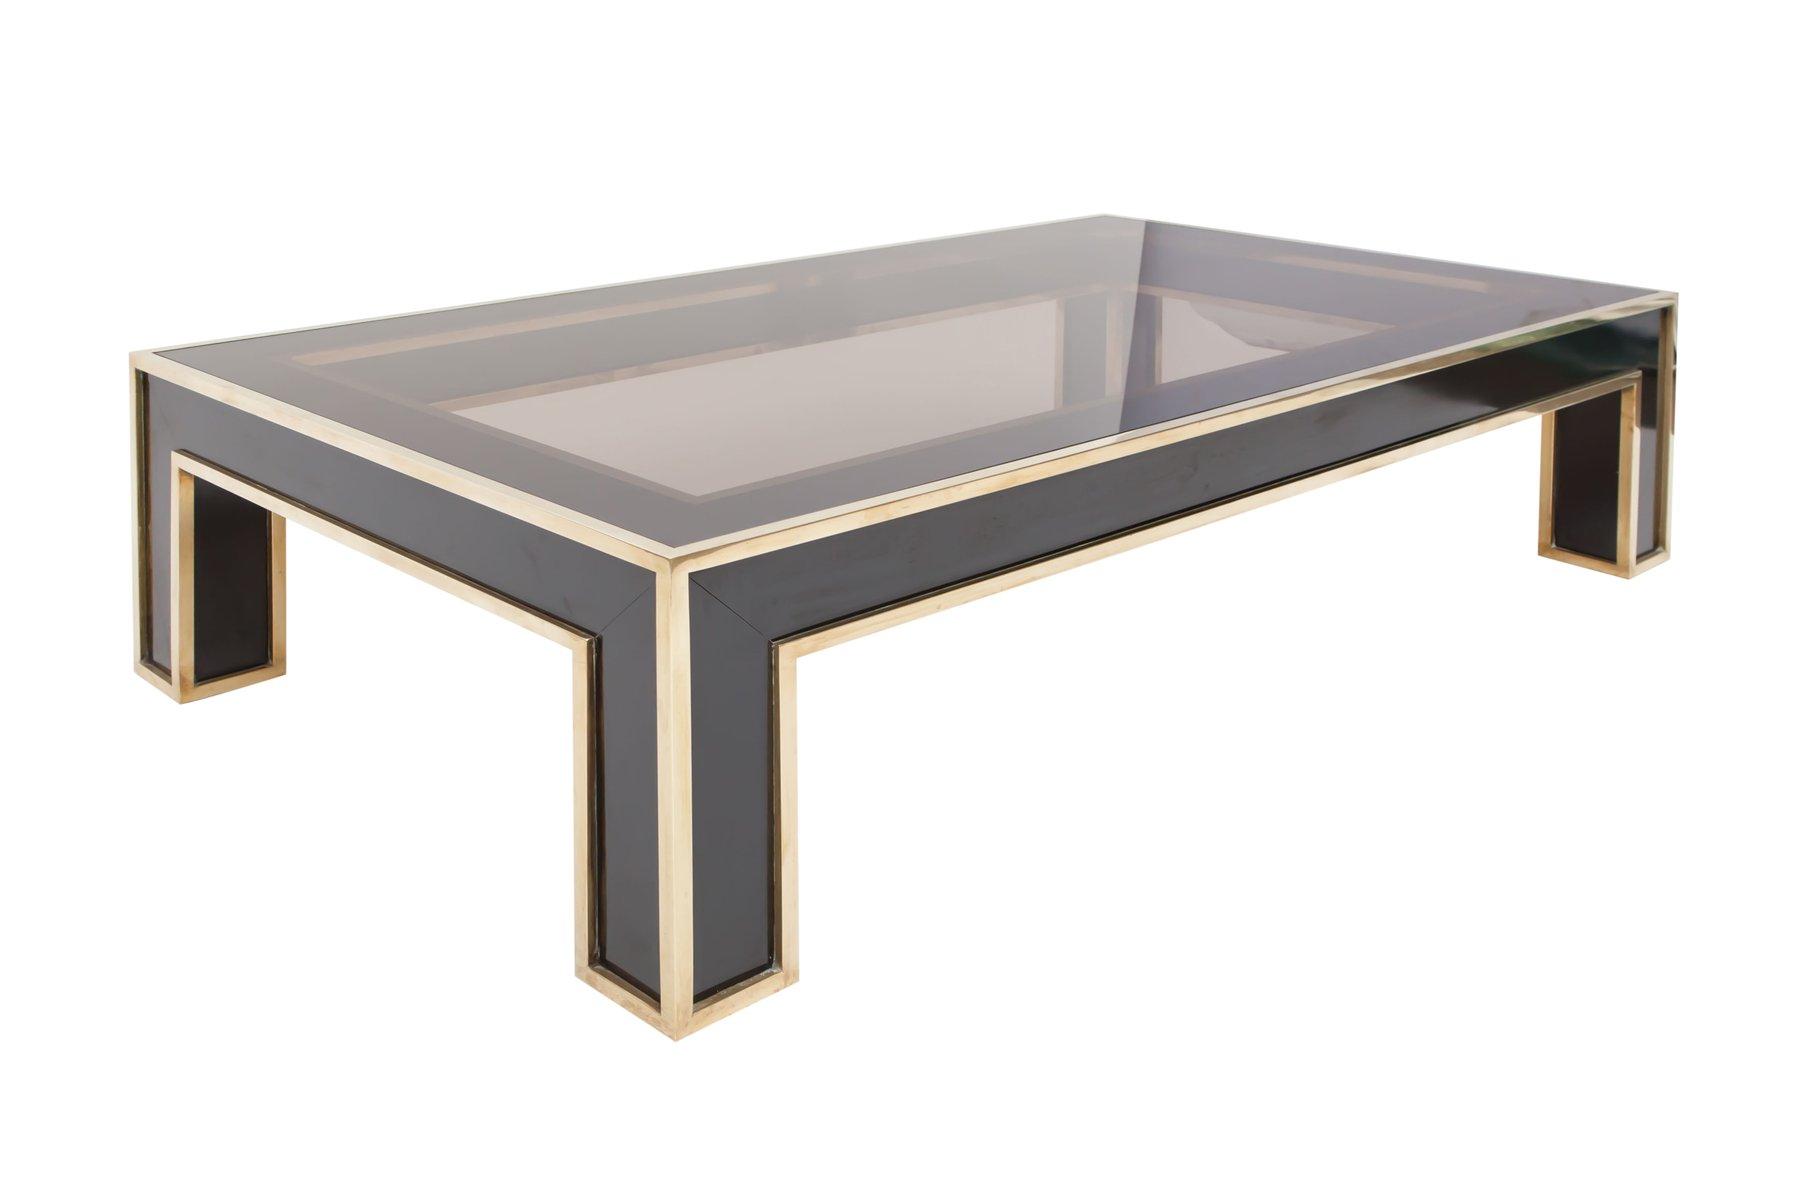 rechteckiger couchtisch aus schwarzem laminat und messing von romeo rega 1970er bei pamono kaufen. Black Bedroom Furniture Sets. Home Design Ideas